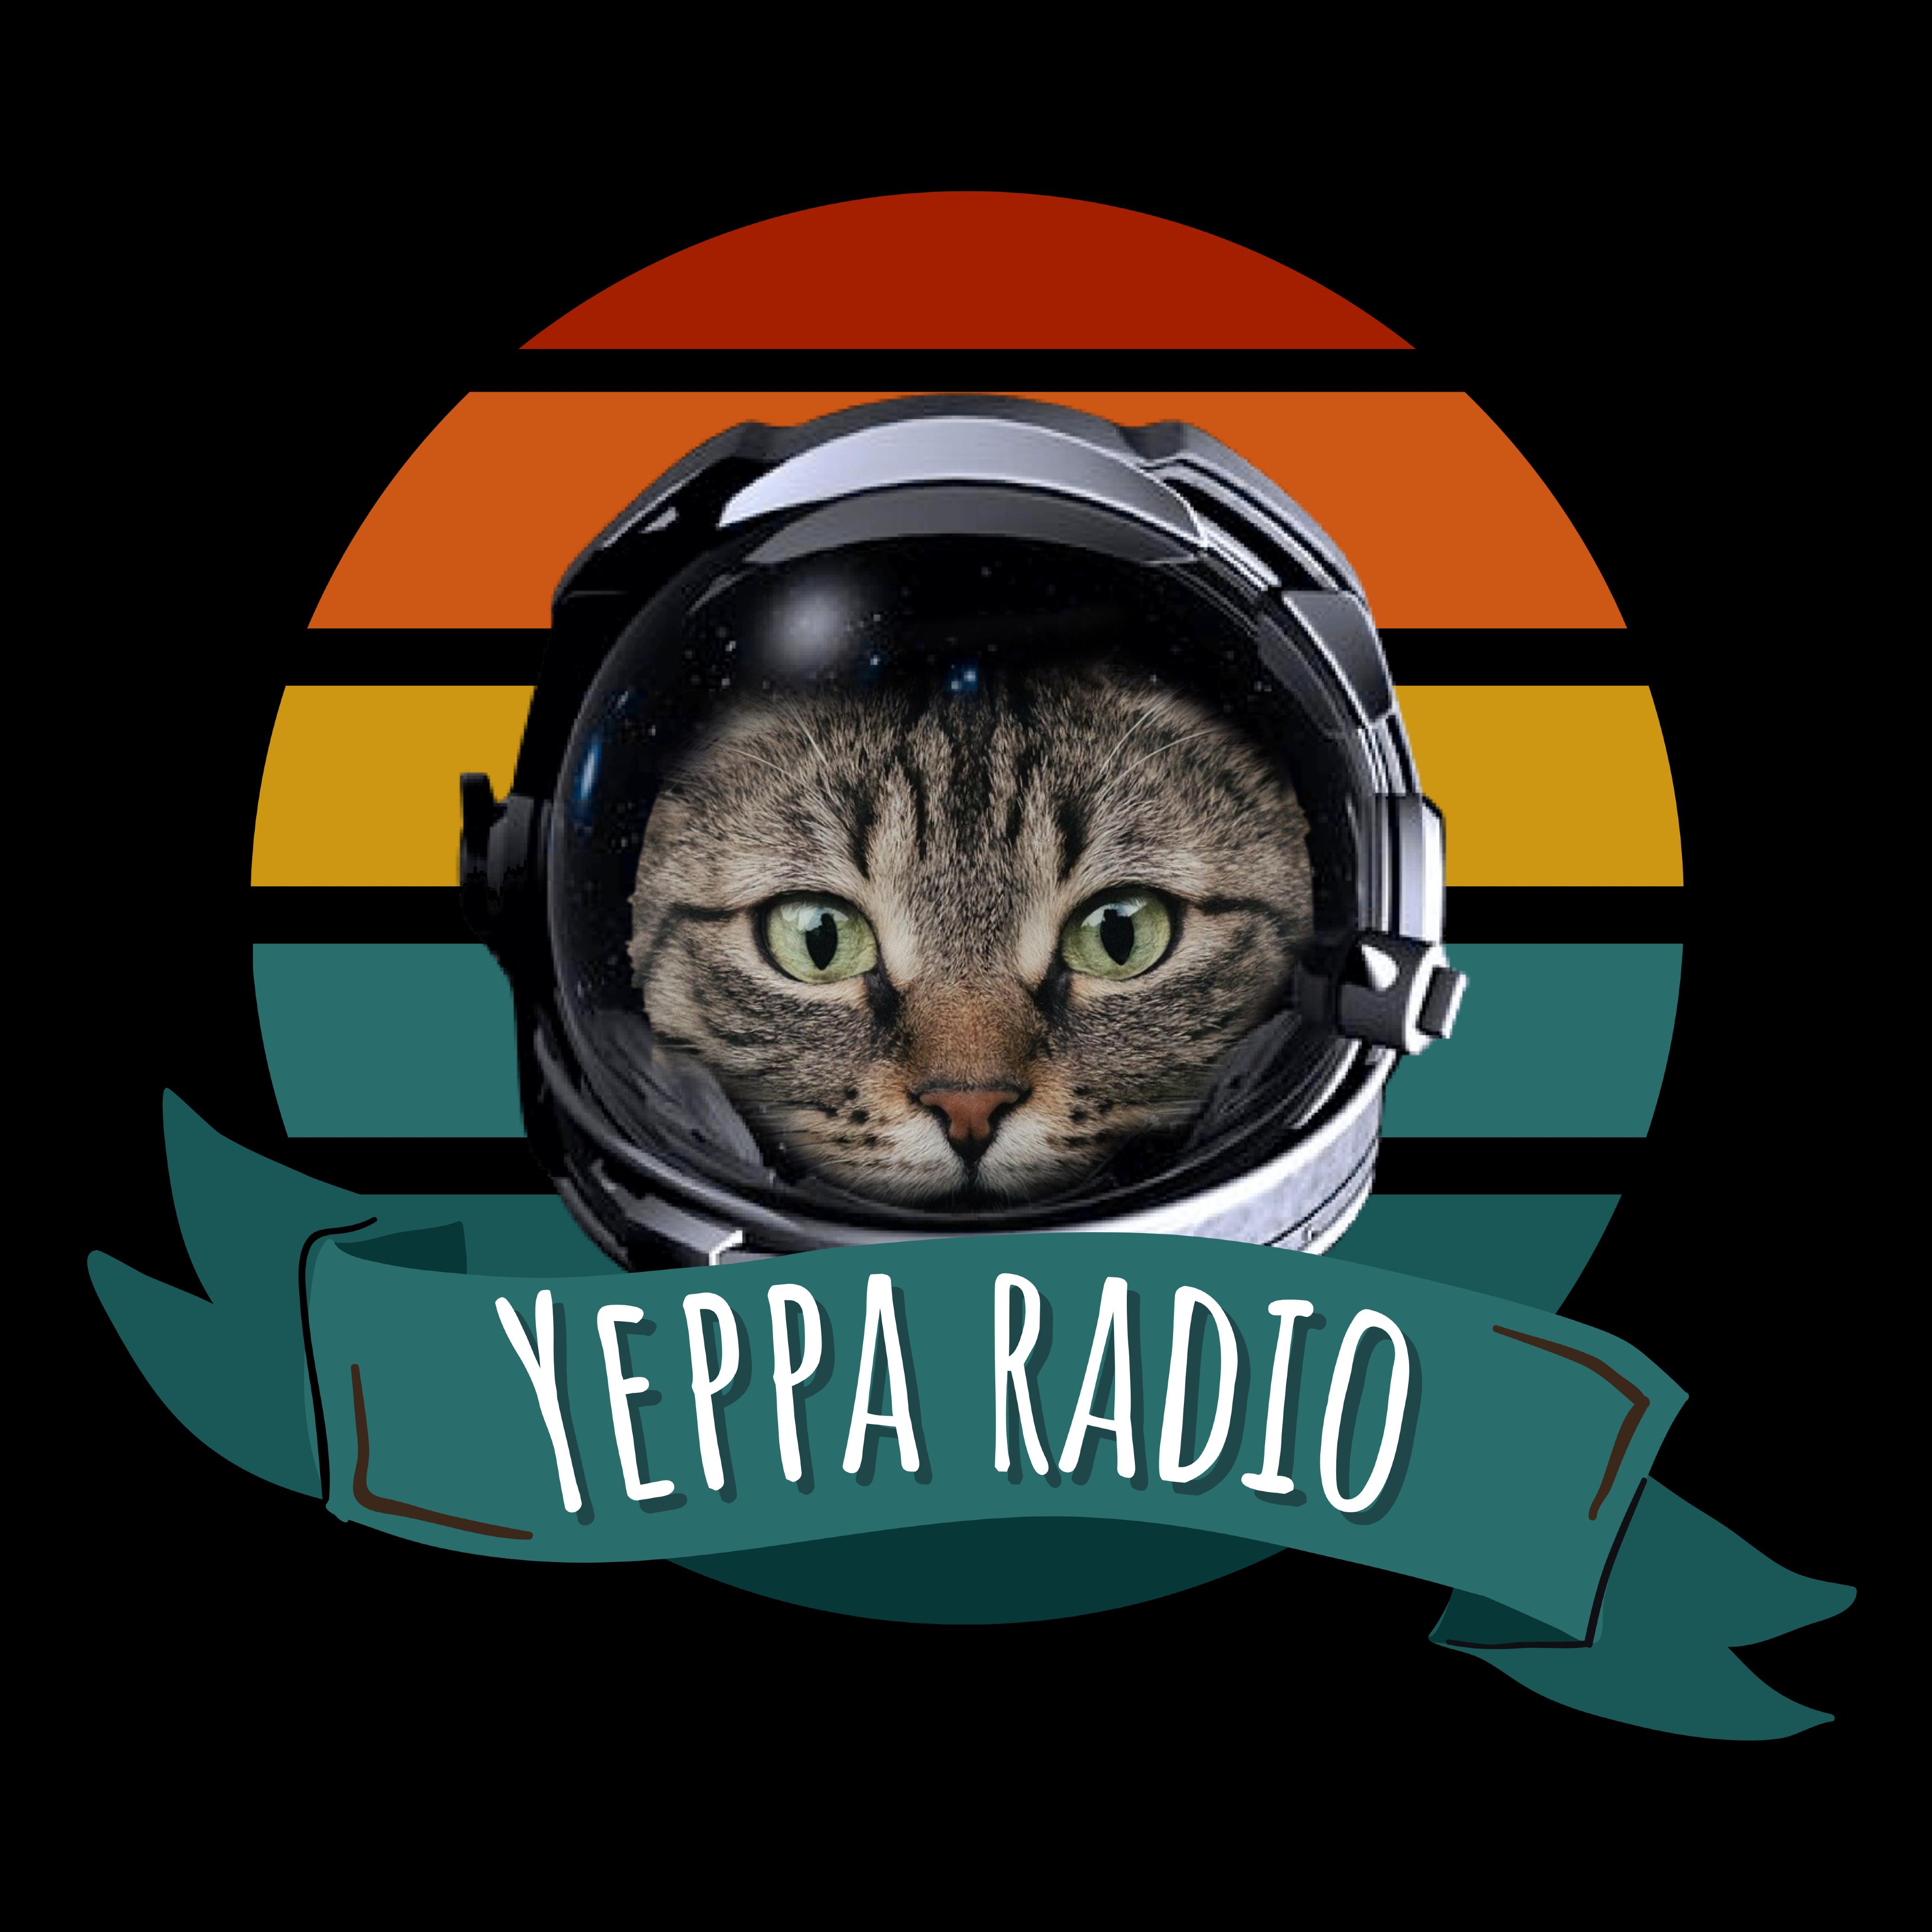 Yeppa Radio